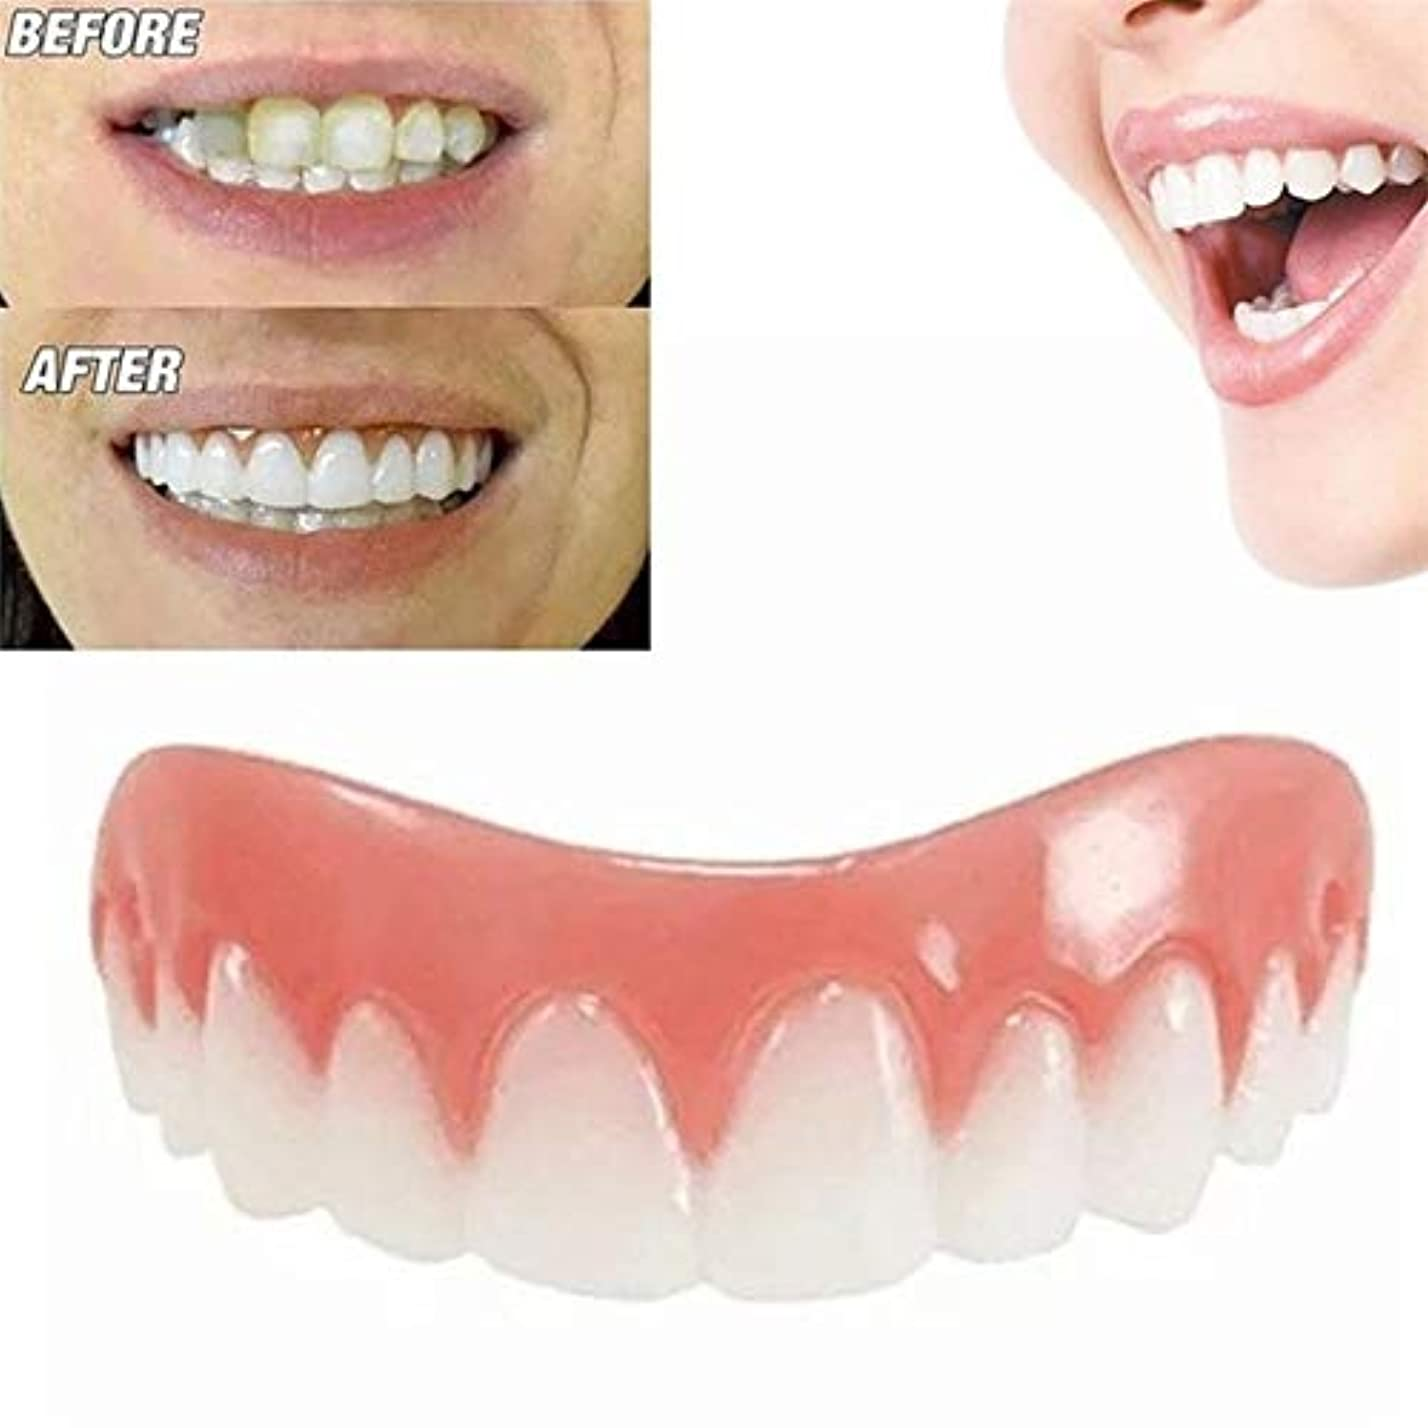 禁止明らか表面30個完璧な笑顔のベニヤ偽の歯アッパー偽の歯のカバー悪い歯のための歯のためのあなたに与えます完璧な笑顔のベニヤ - ワンサイズフィット